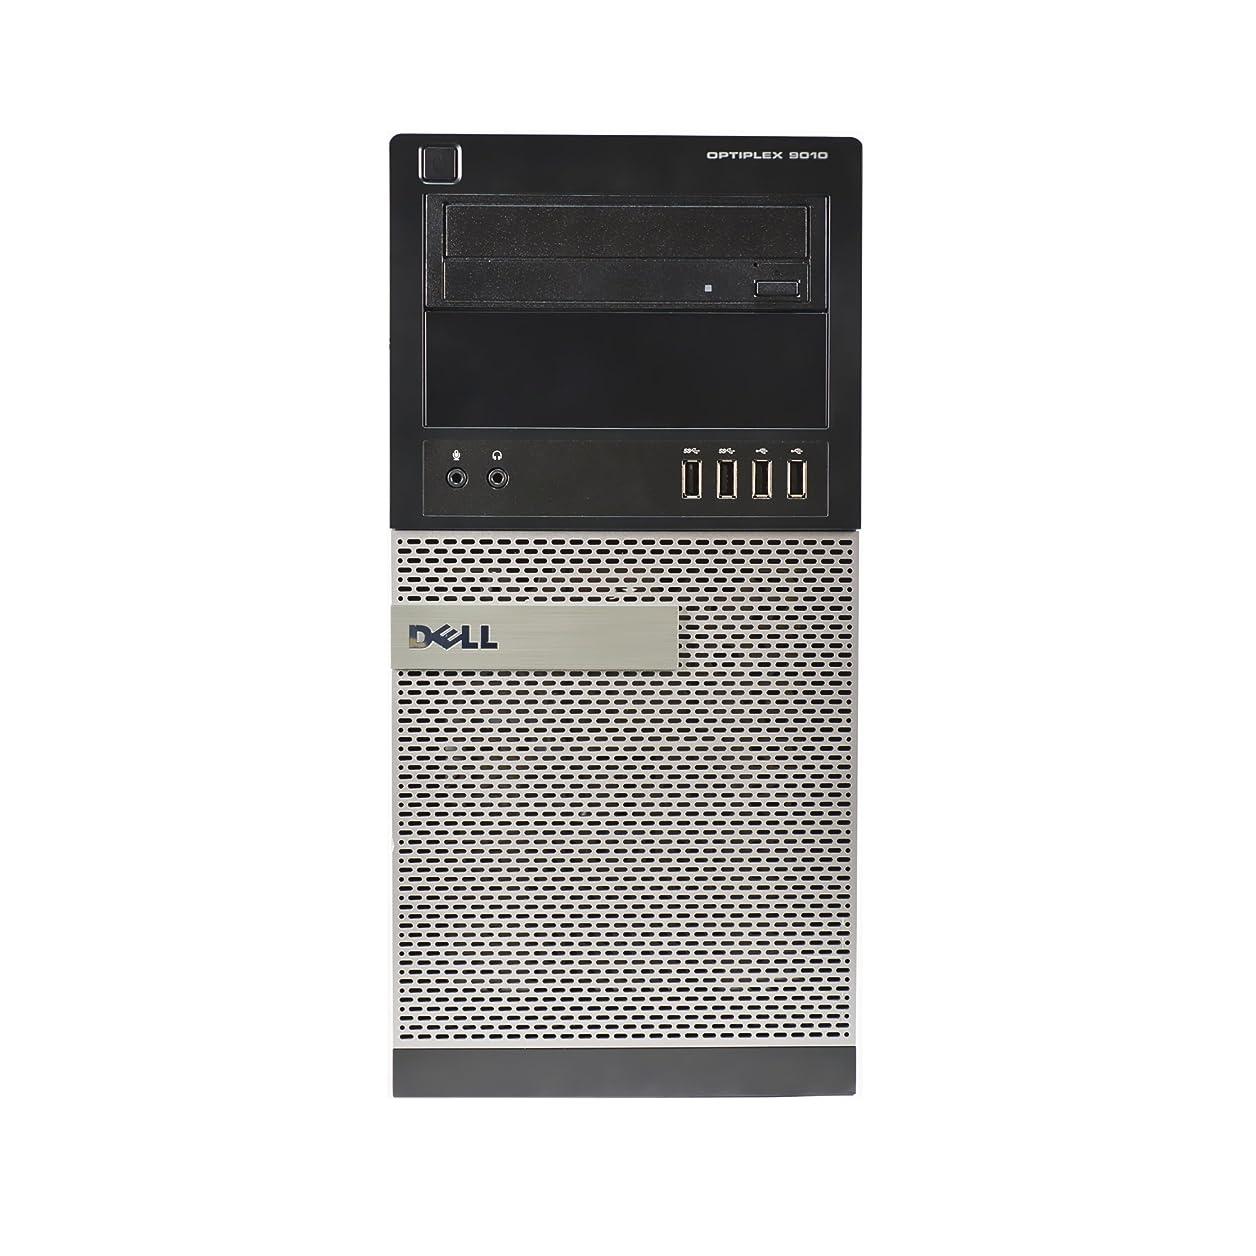 ミサイル教える虚栄心Dell 9010タワー、Core i570、3.4GHz、8GB RAM、2TBハードドライブ、DVDRW、Windows 10 Pro 64bit (更新済み)。